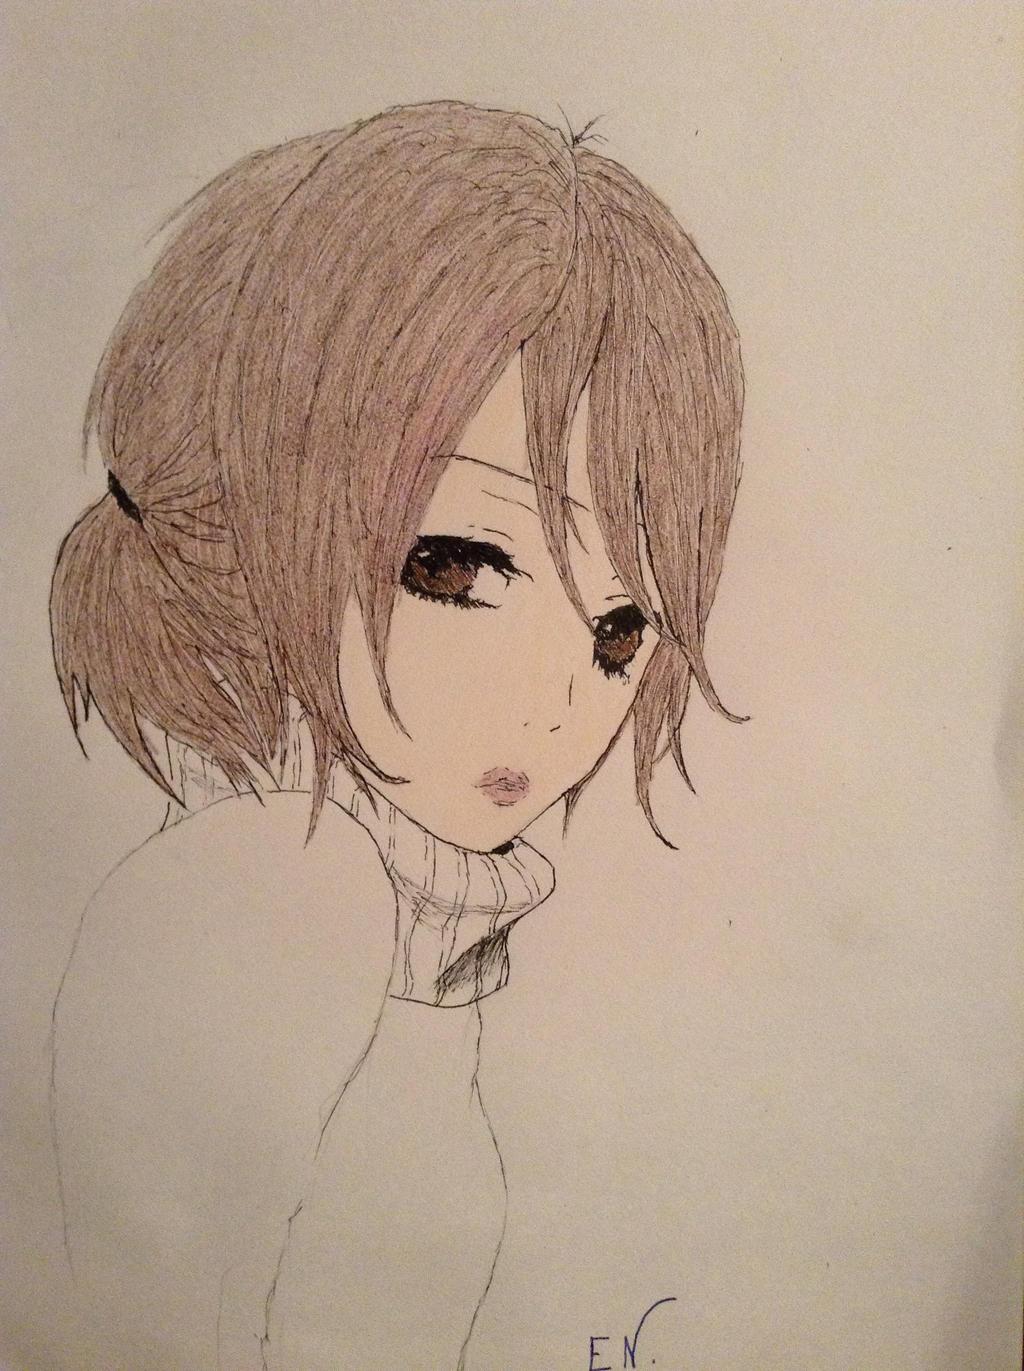 Tachibana-san (colored) by droN-chan